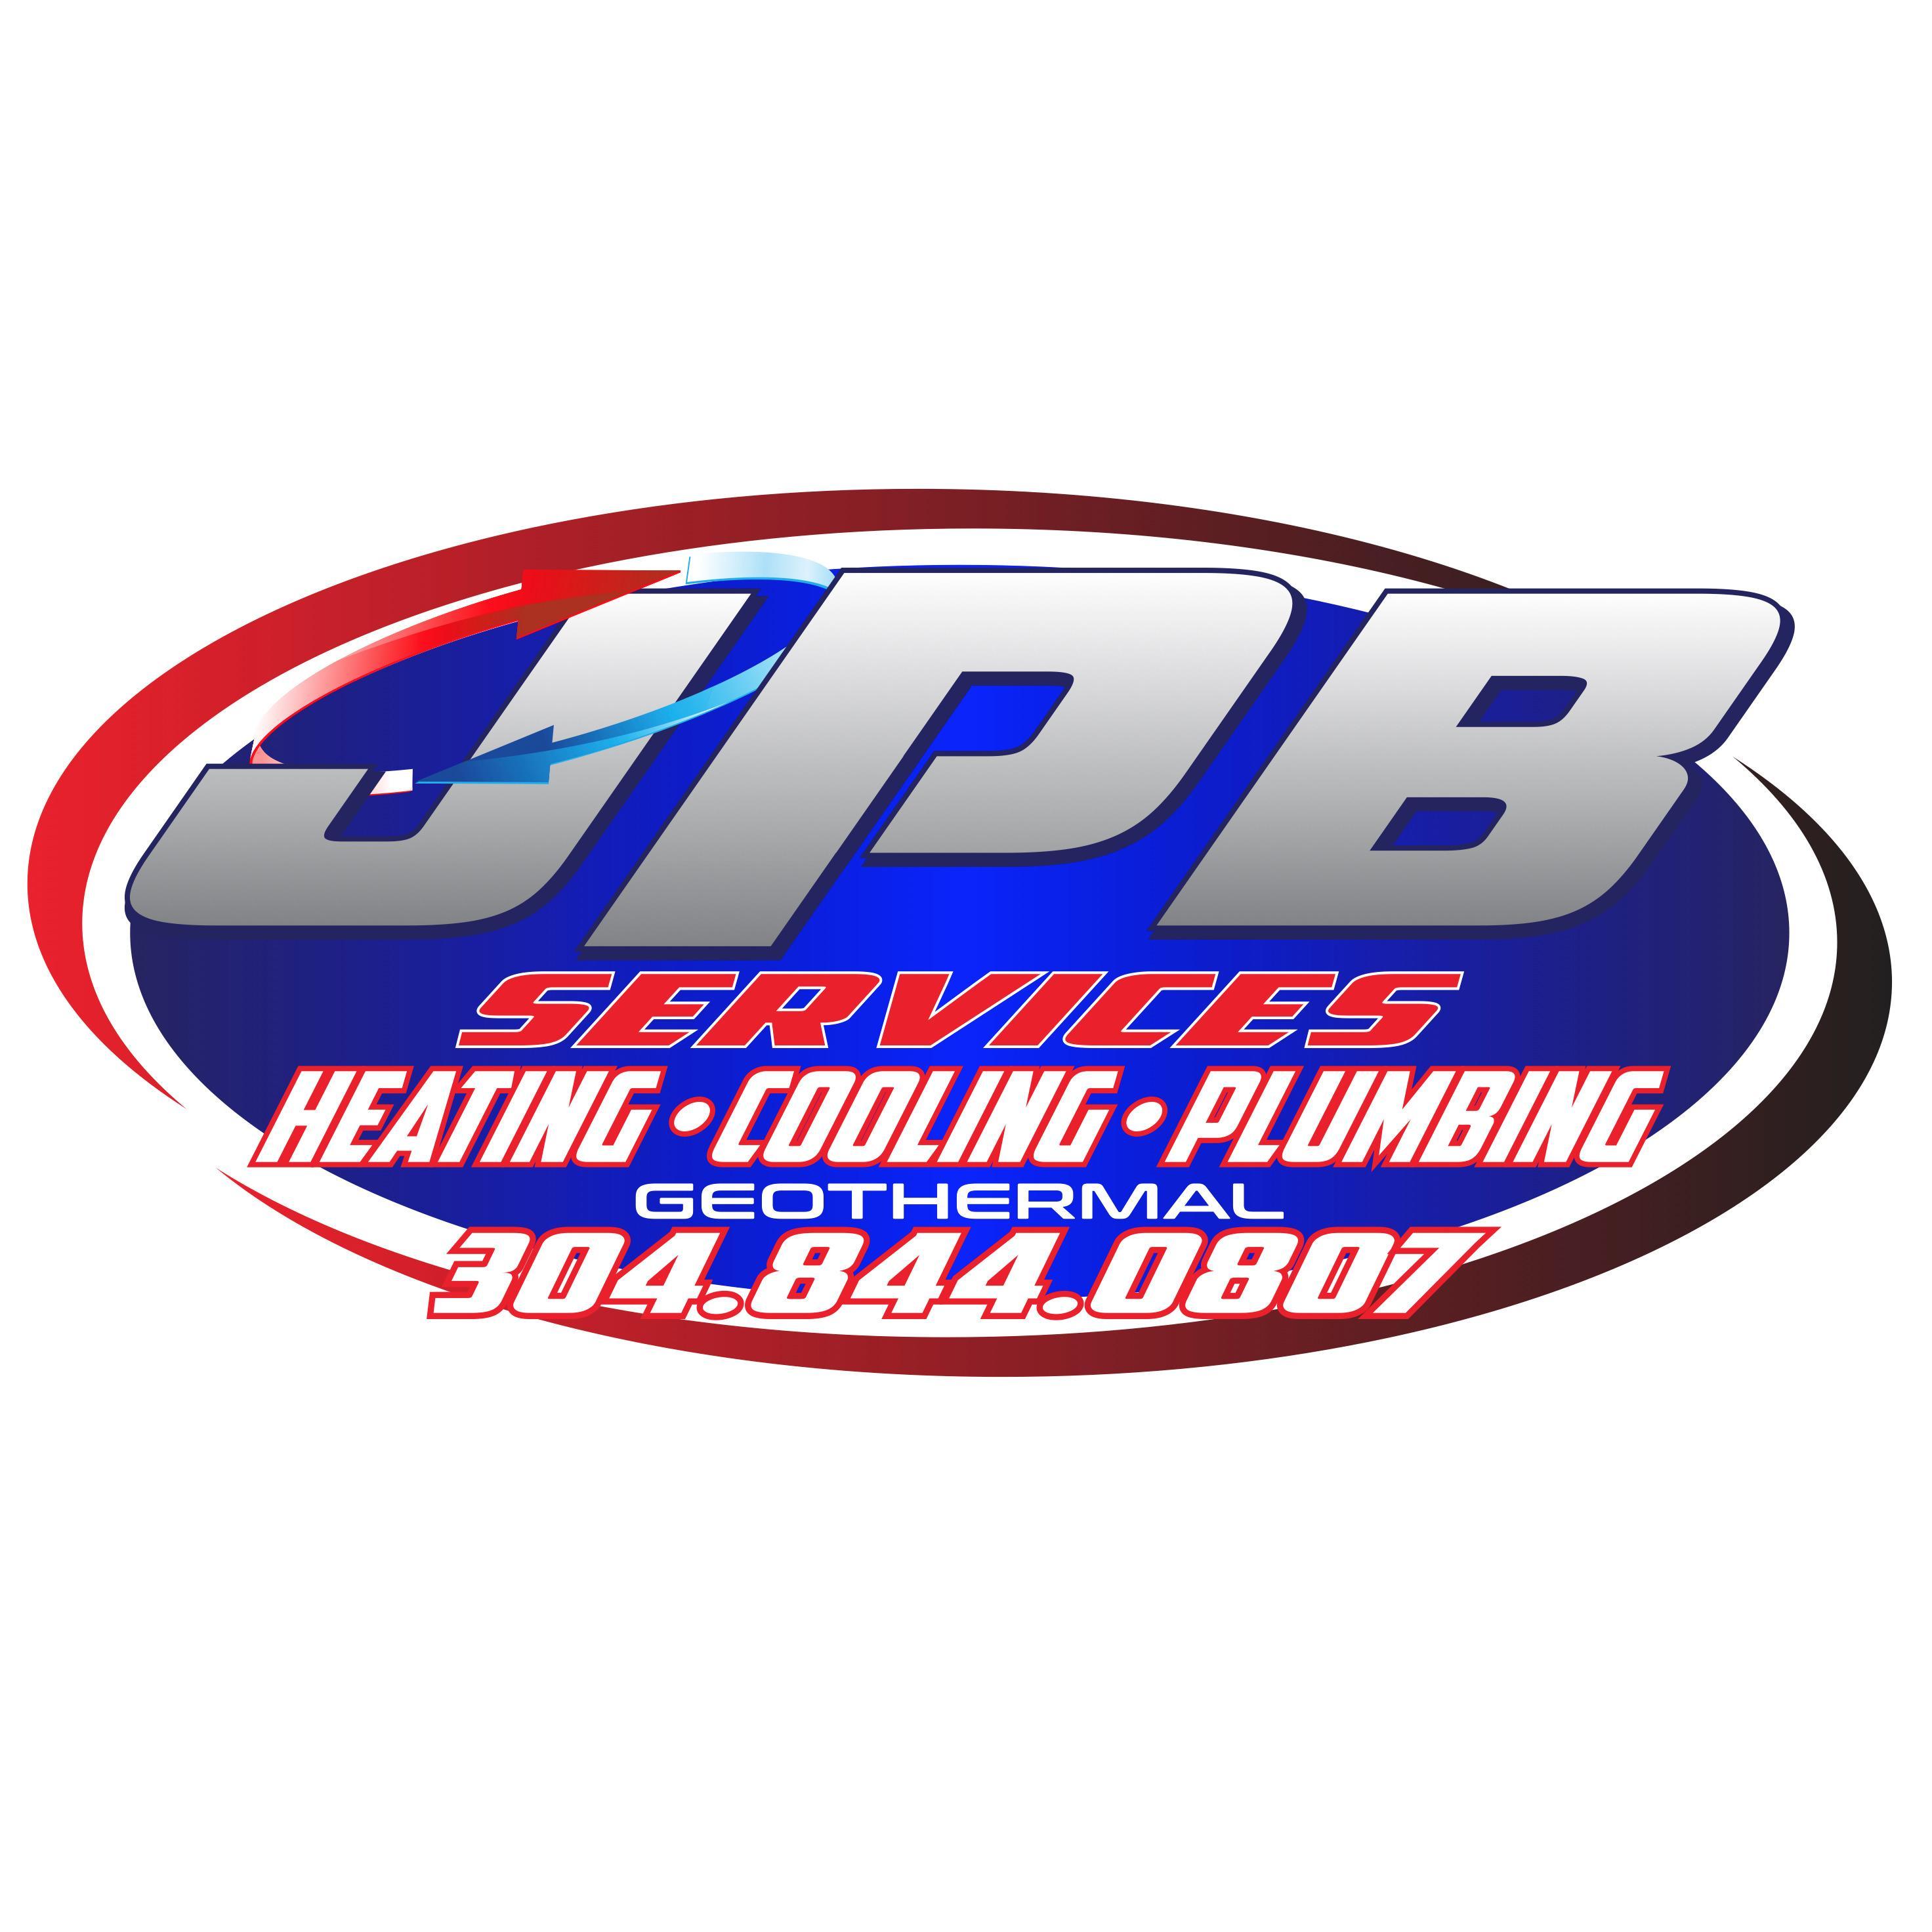 Jpb Services Bridgeport West Virginia Wv